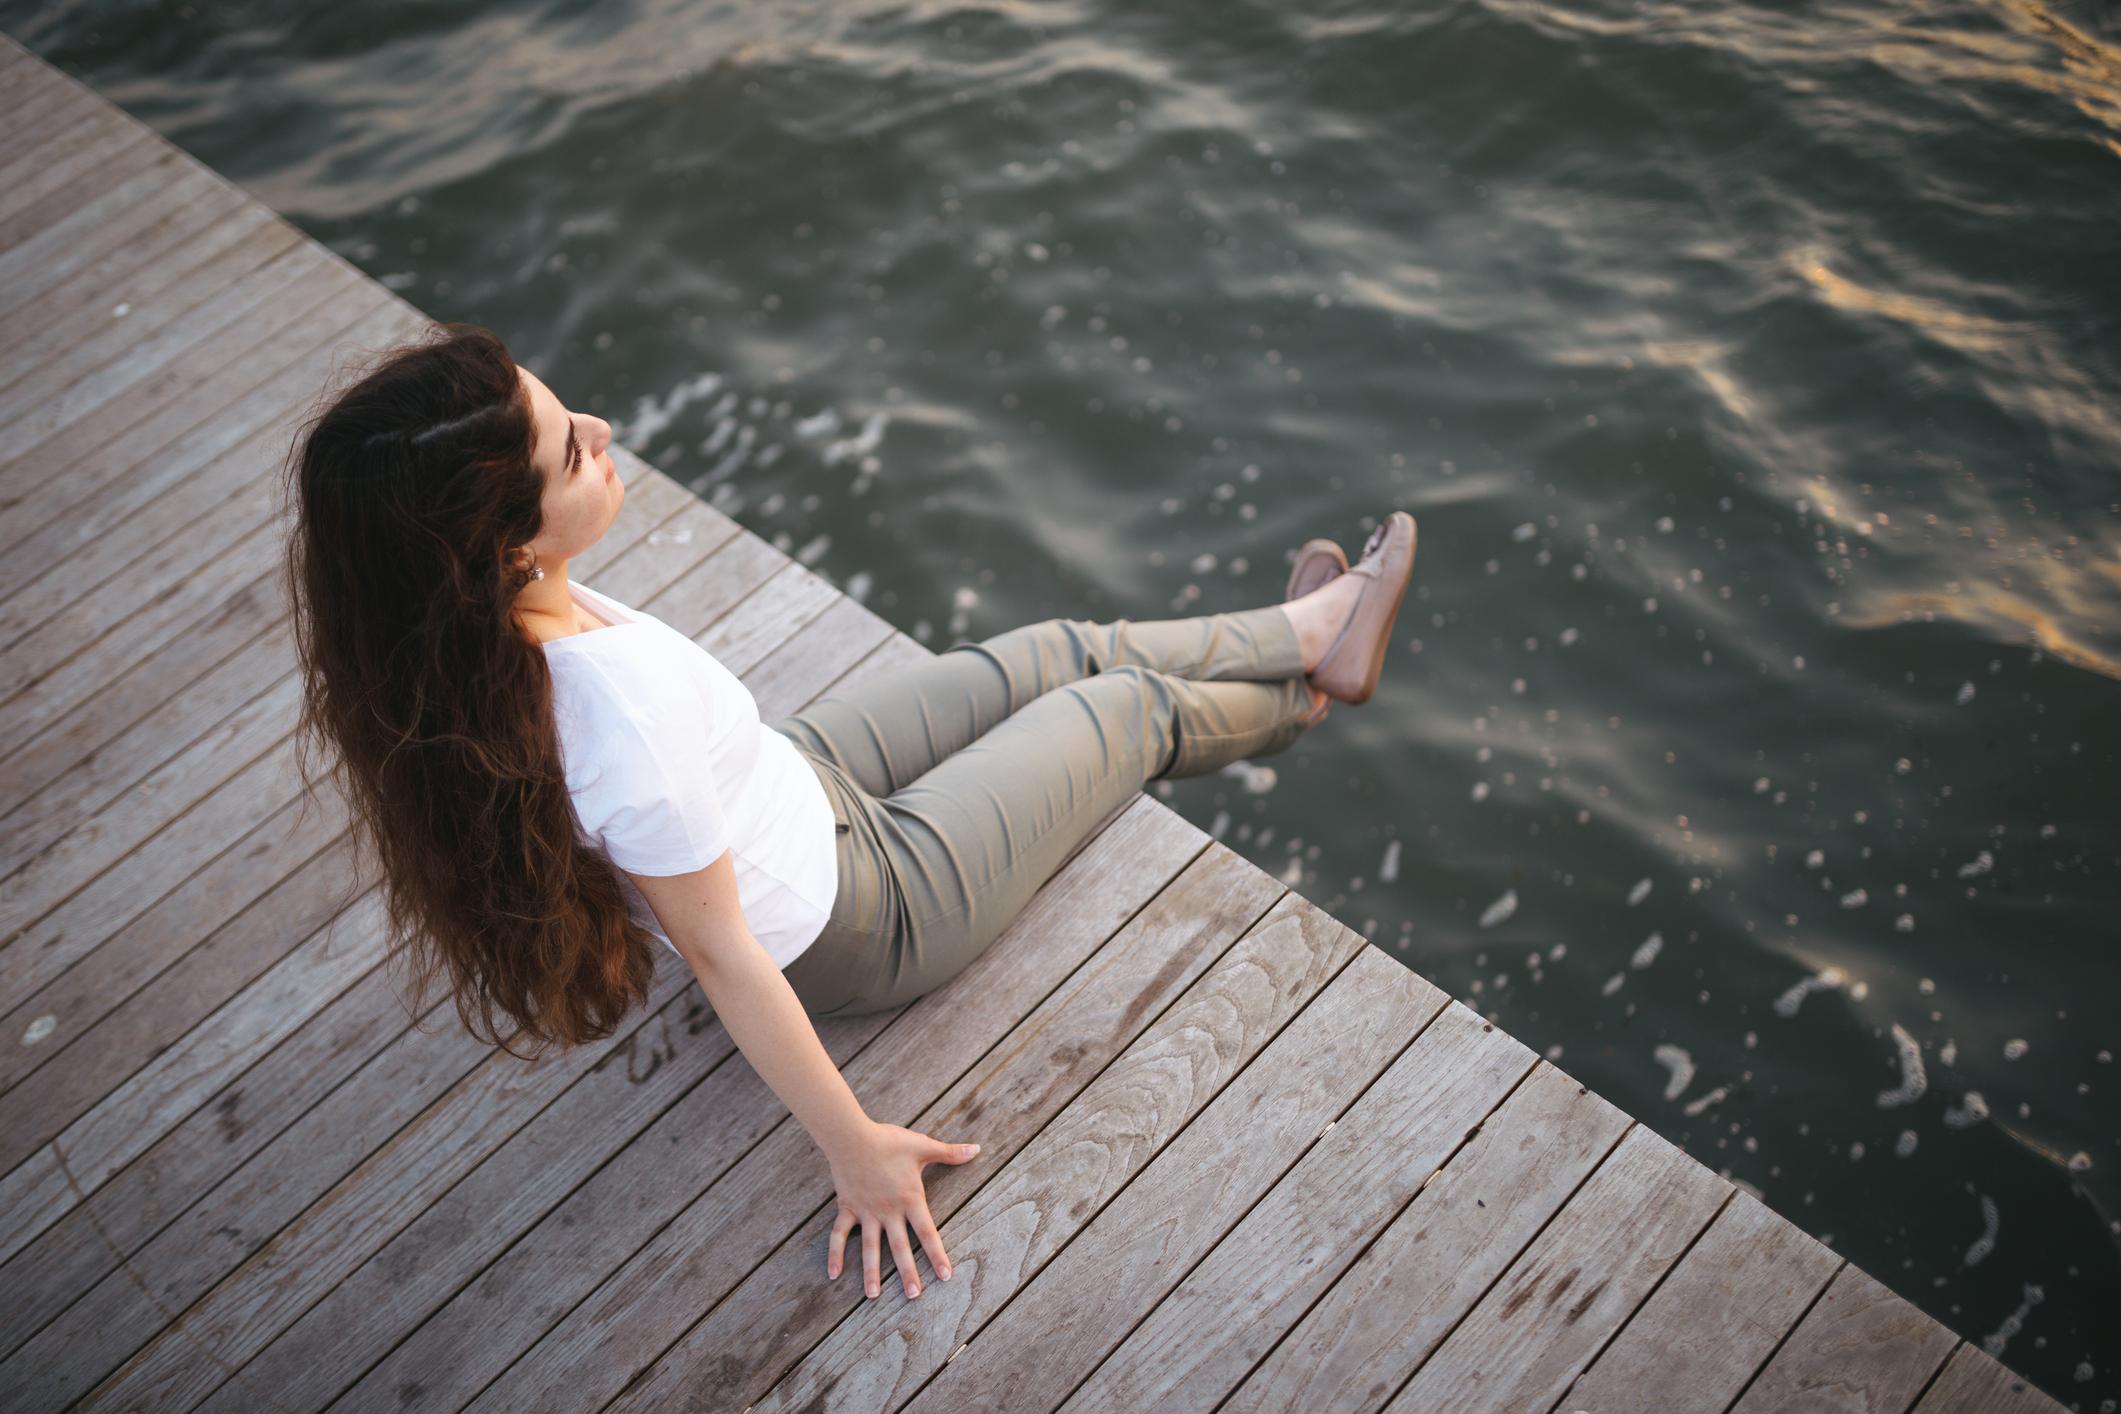 - Frid.Betyder inte att tillvaron är fri från orosmoment, förändring eller hårt arbete.Det innebär att kunna vara i alla dessa tillstånd med ett lugn inombords.